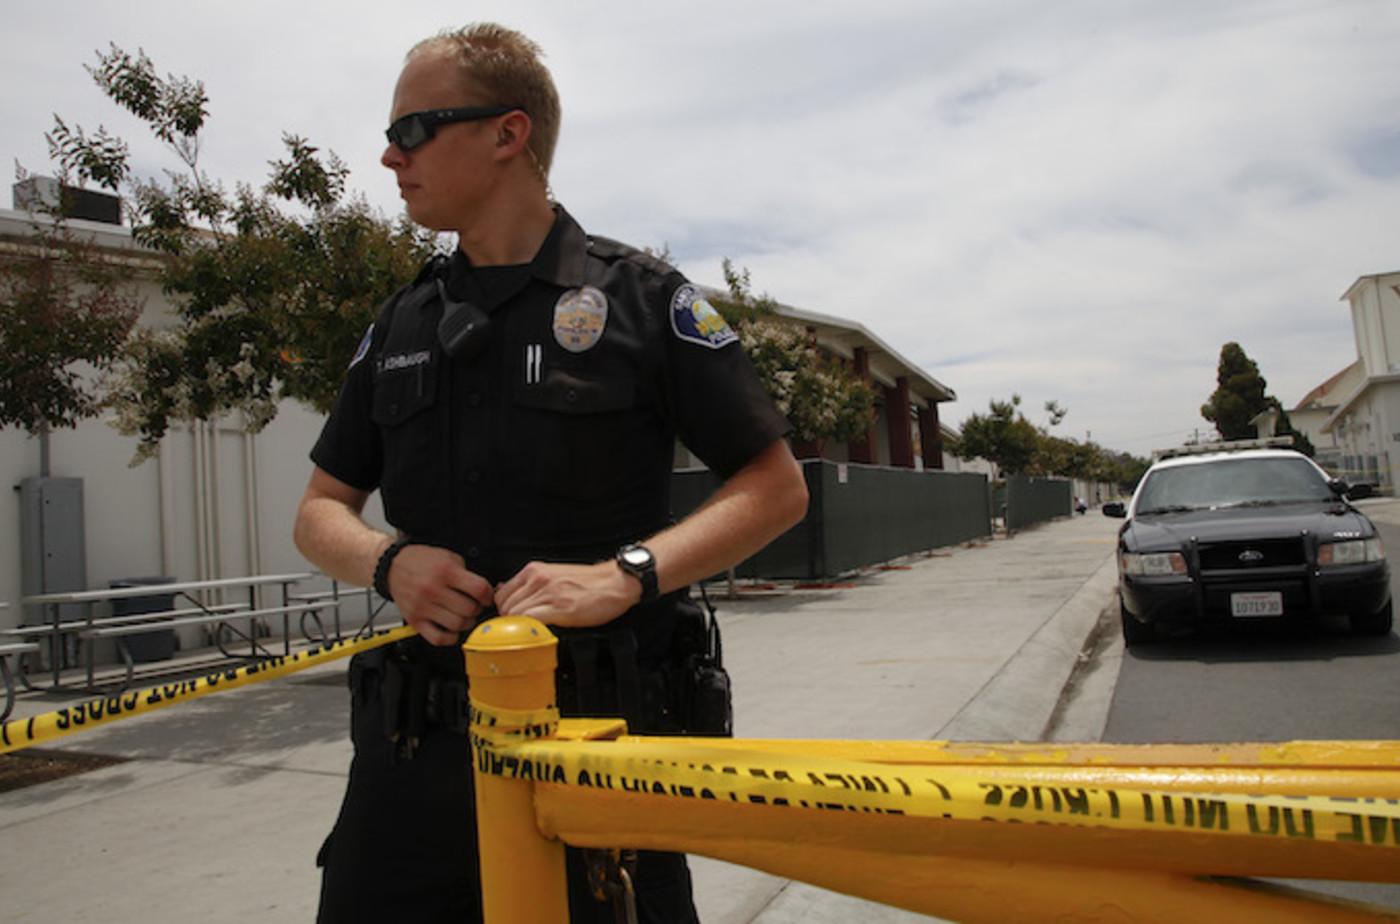 Police in CA